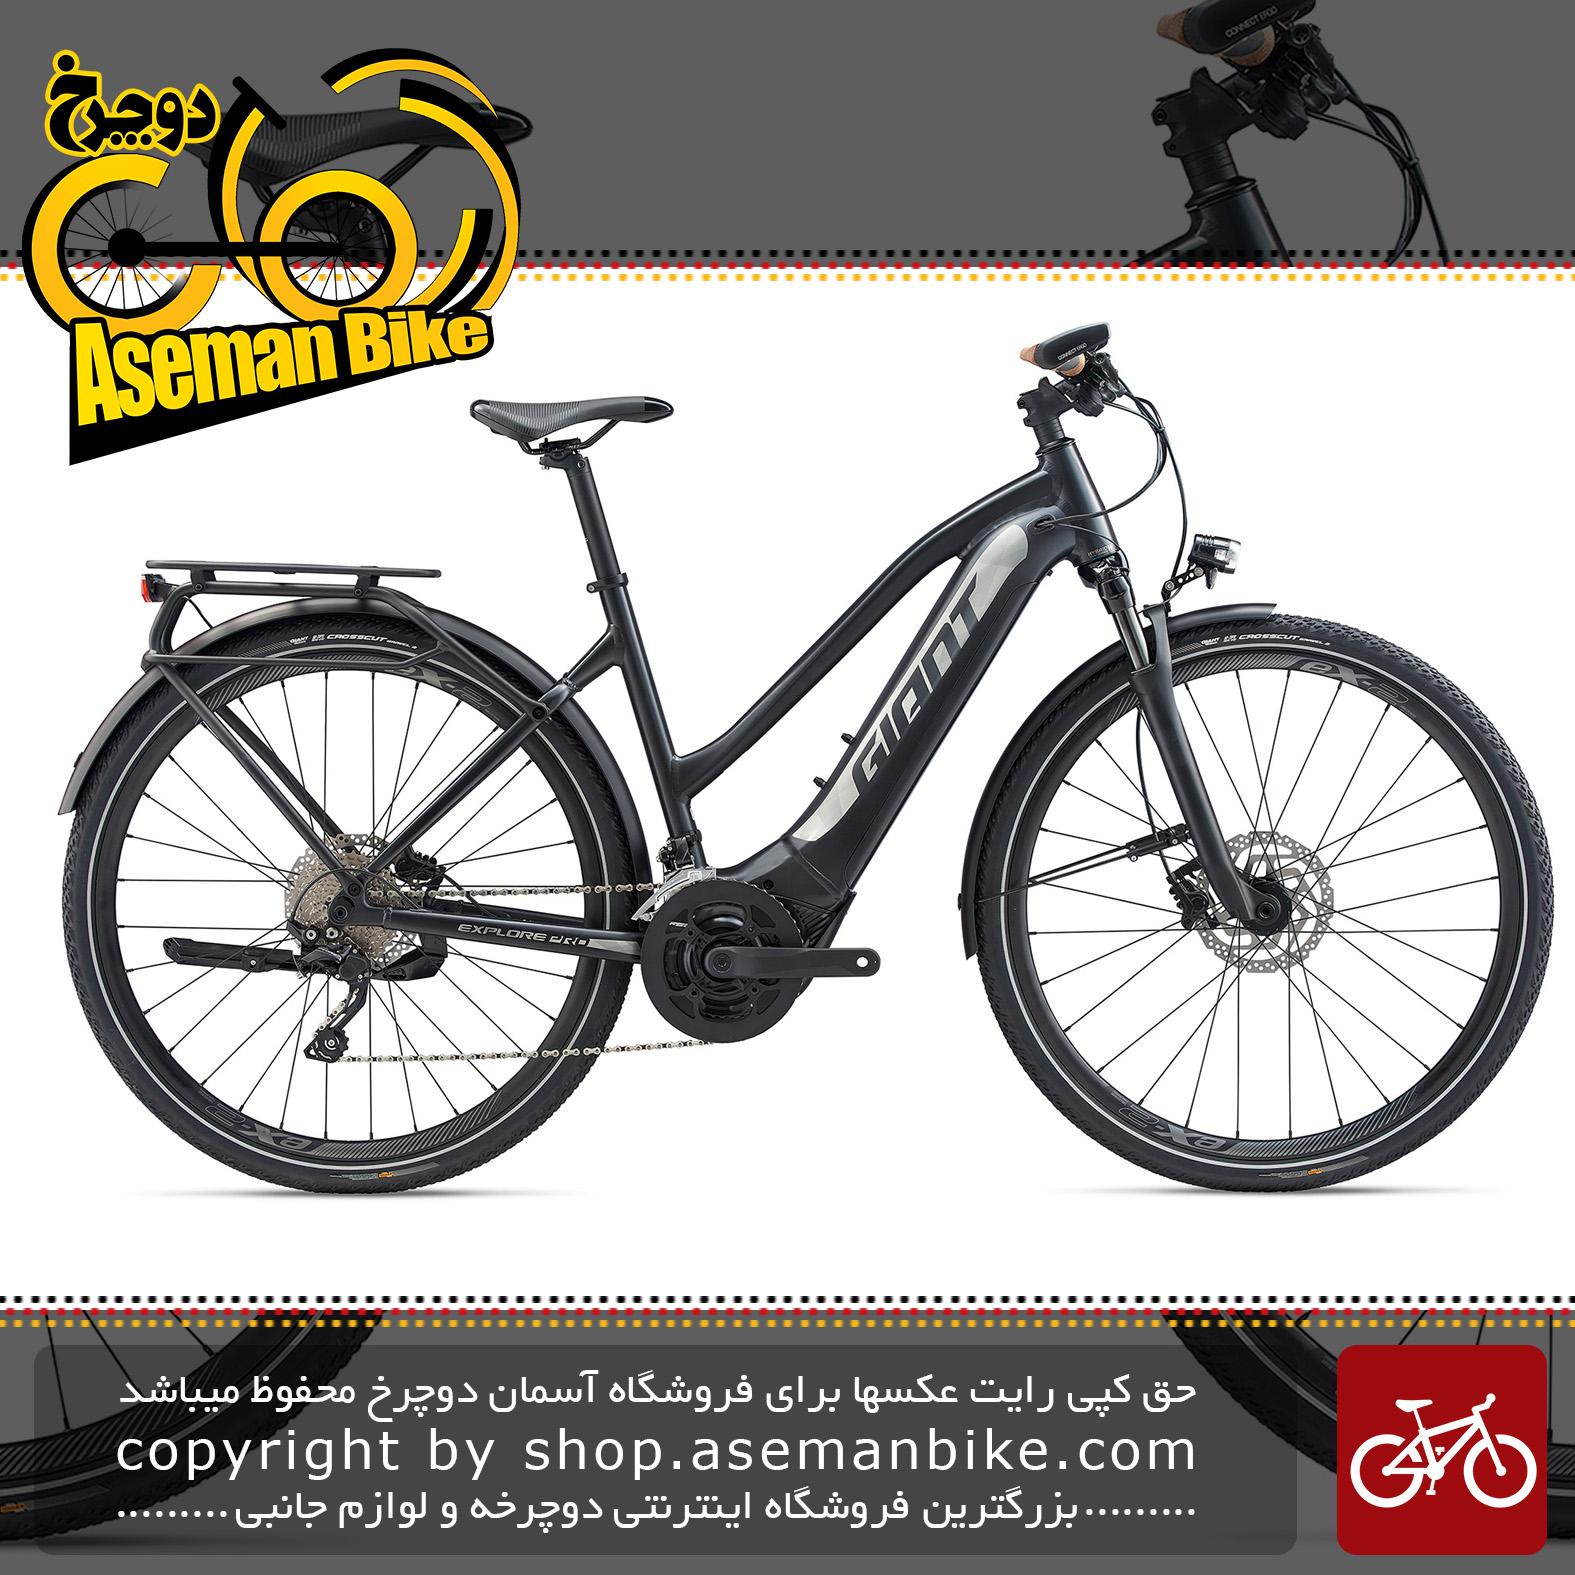 دوچرخه دومنظوره برقی جاینت مدل اکسپلور ای پلاس 1 پرو اس تی ای 2020 Giant Trekking Bicycle Explore E+ 1 Pro STA 2020